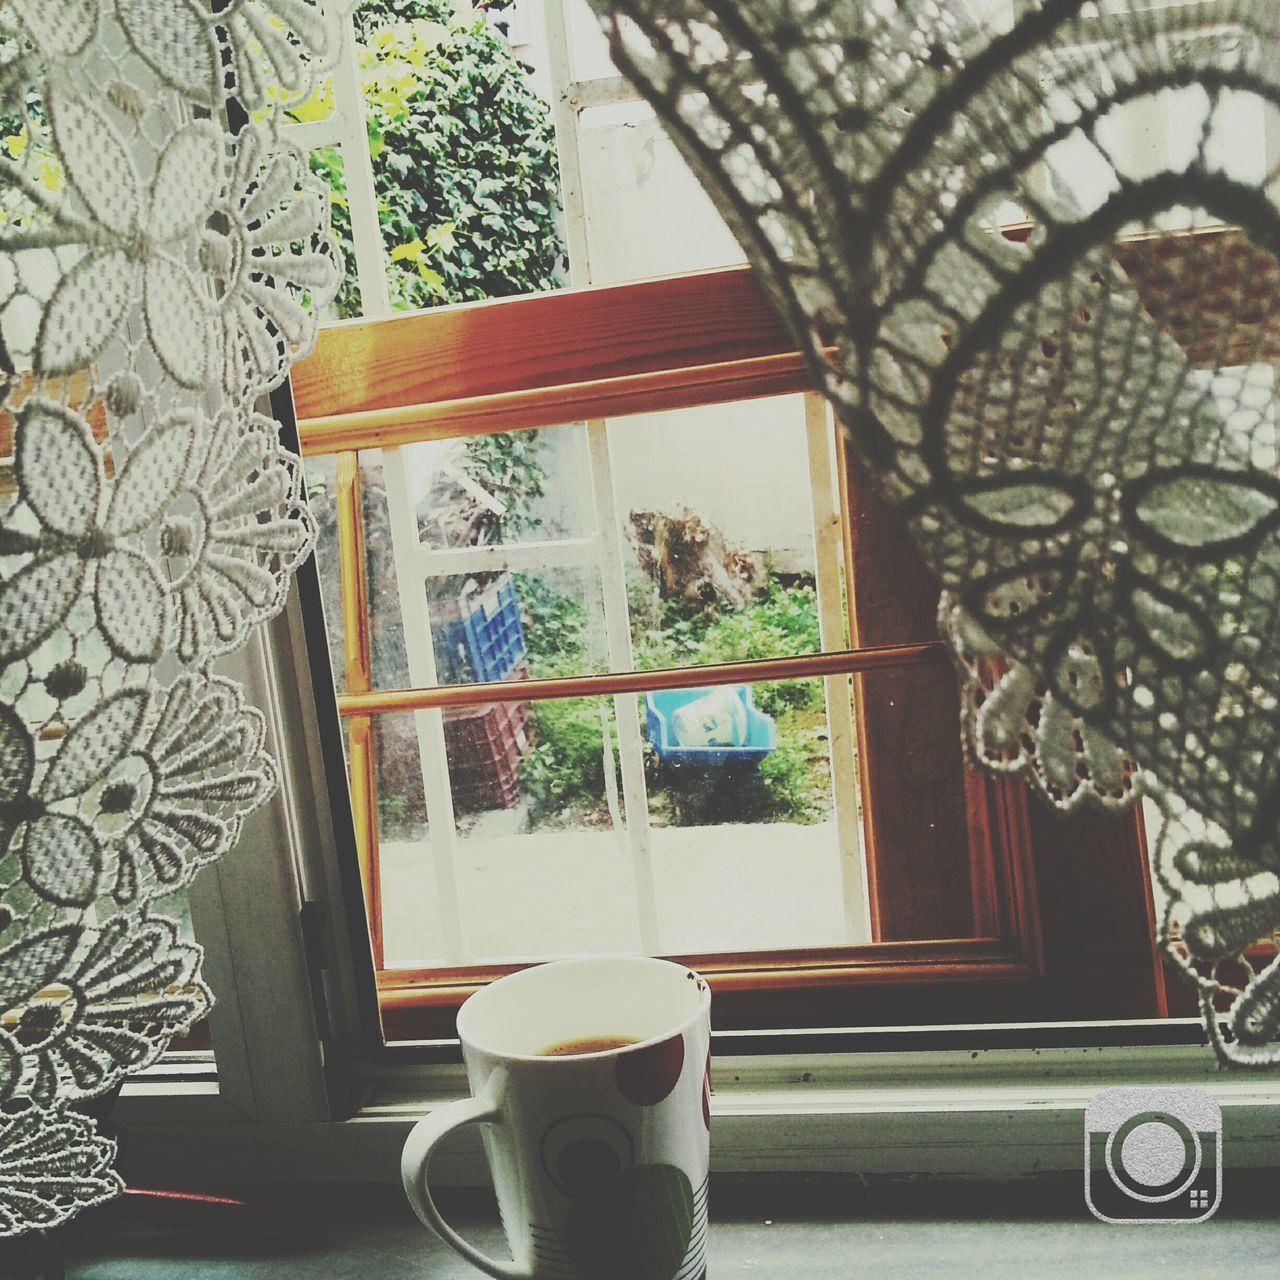 Dünya seni haketmiyor pencere önü çiçeğim.